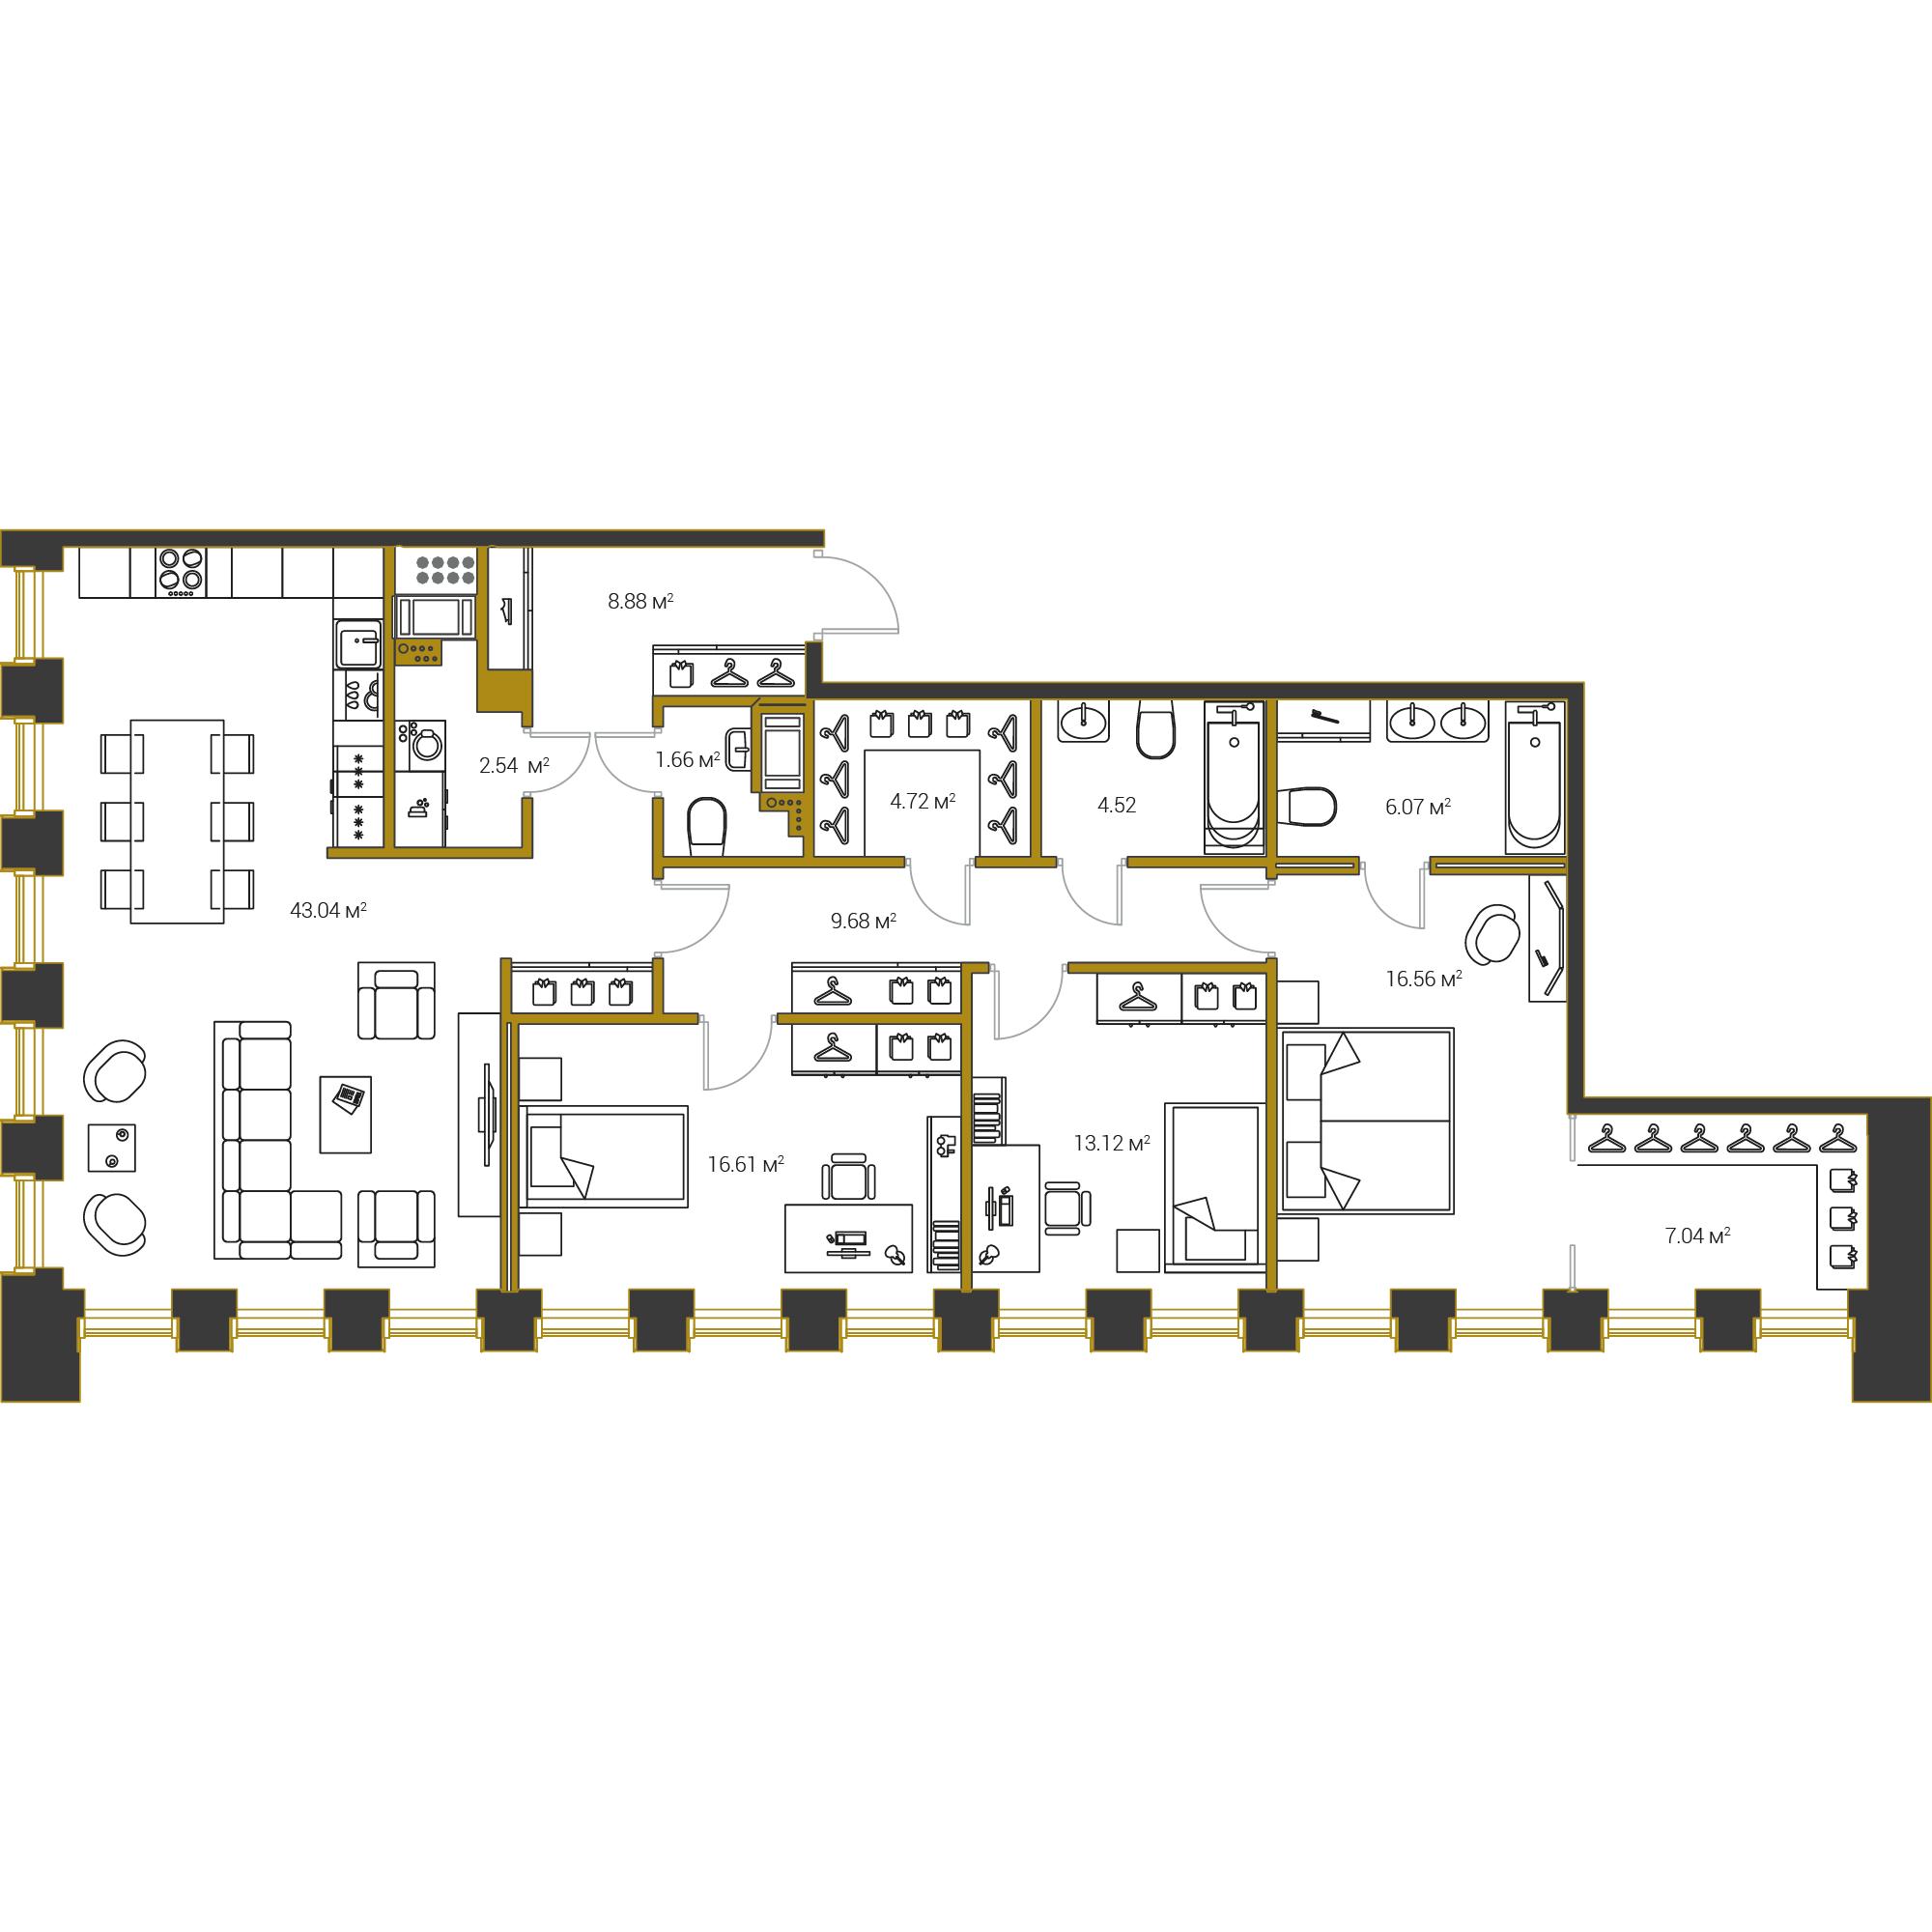 3-комнатная квартира №16 в: Институтский,16: 134.44 м²; этаж: 12 - купить в Санкт-Петербурге